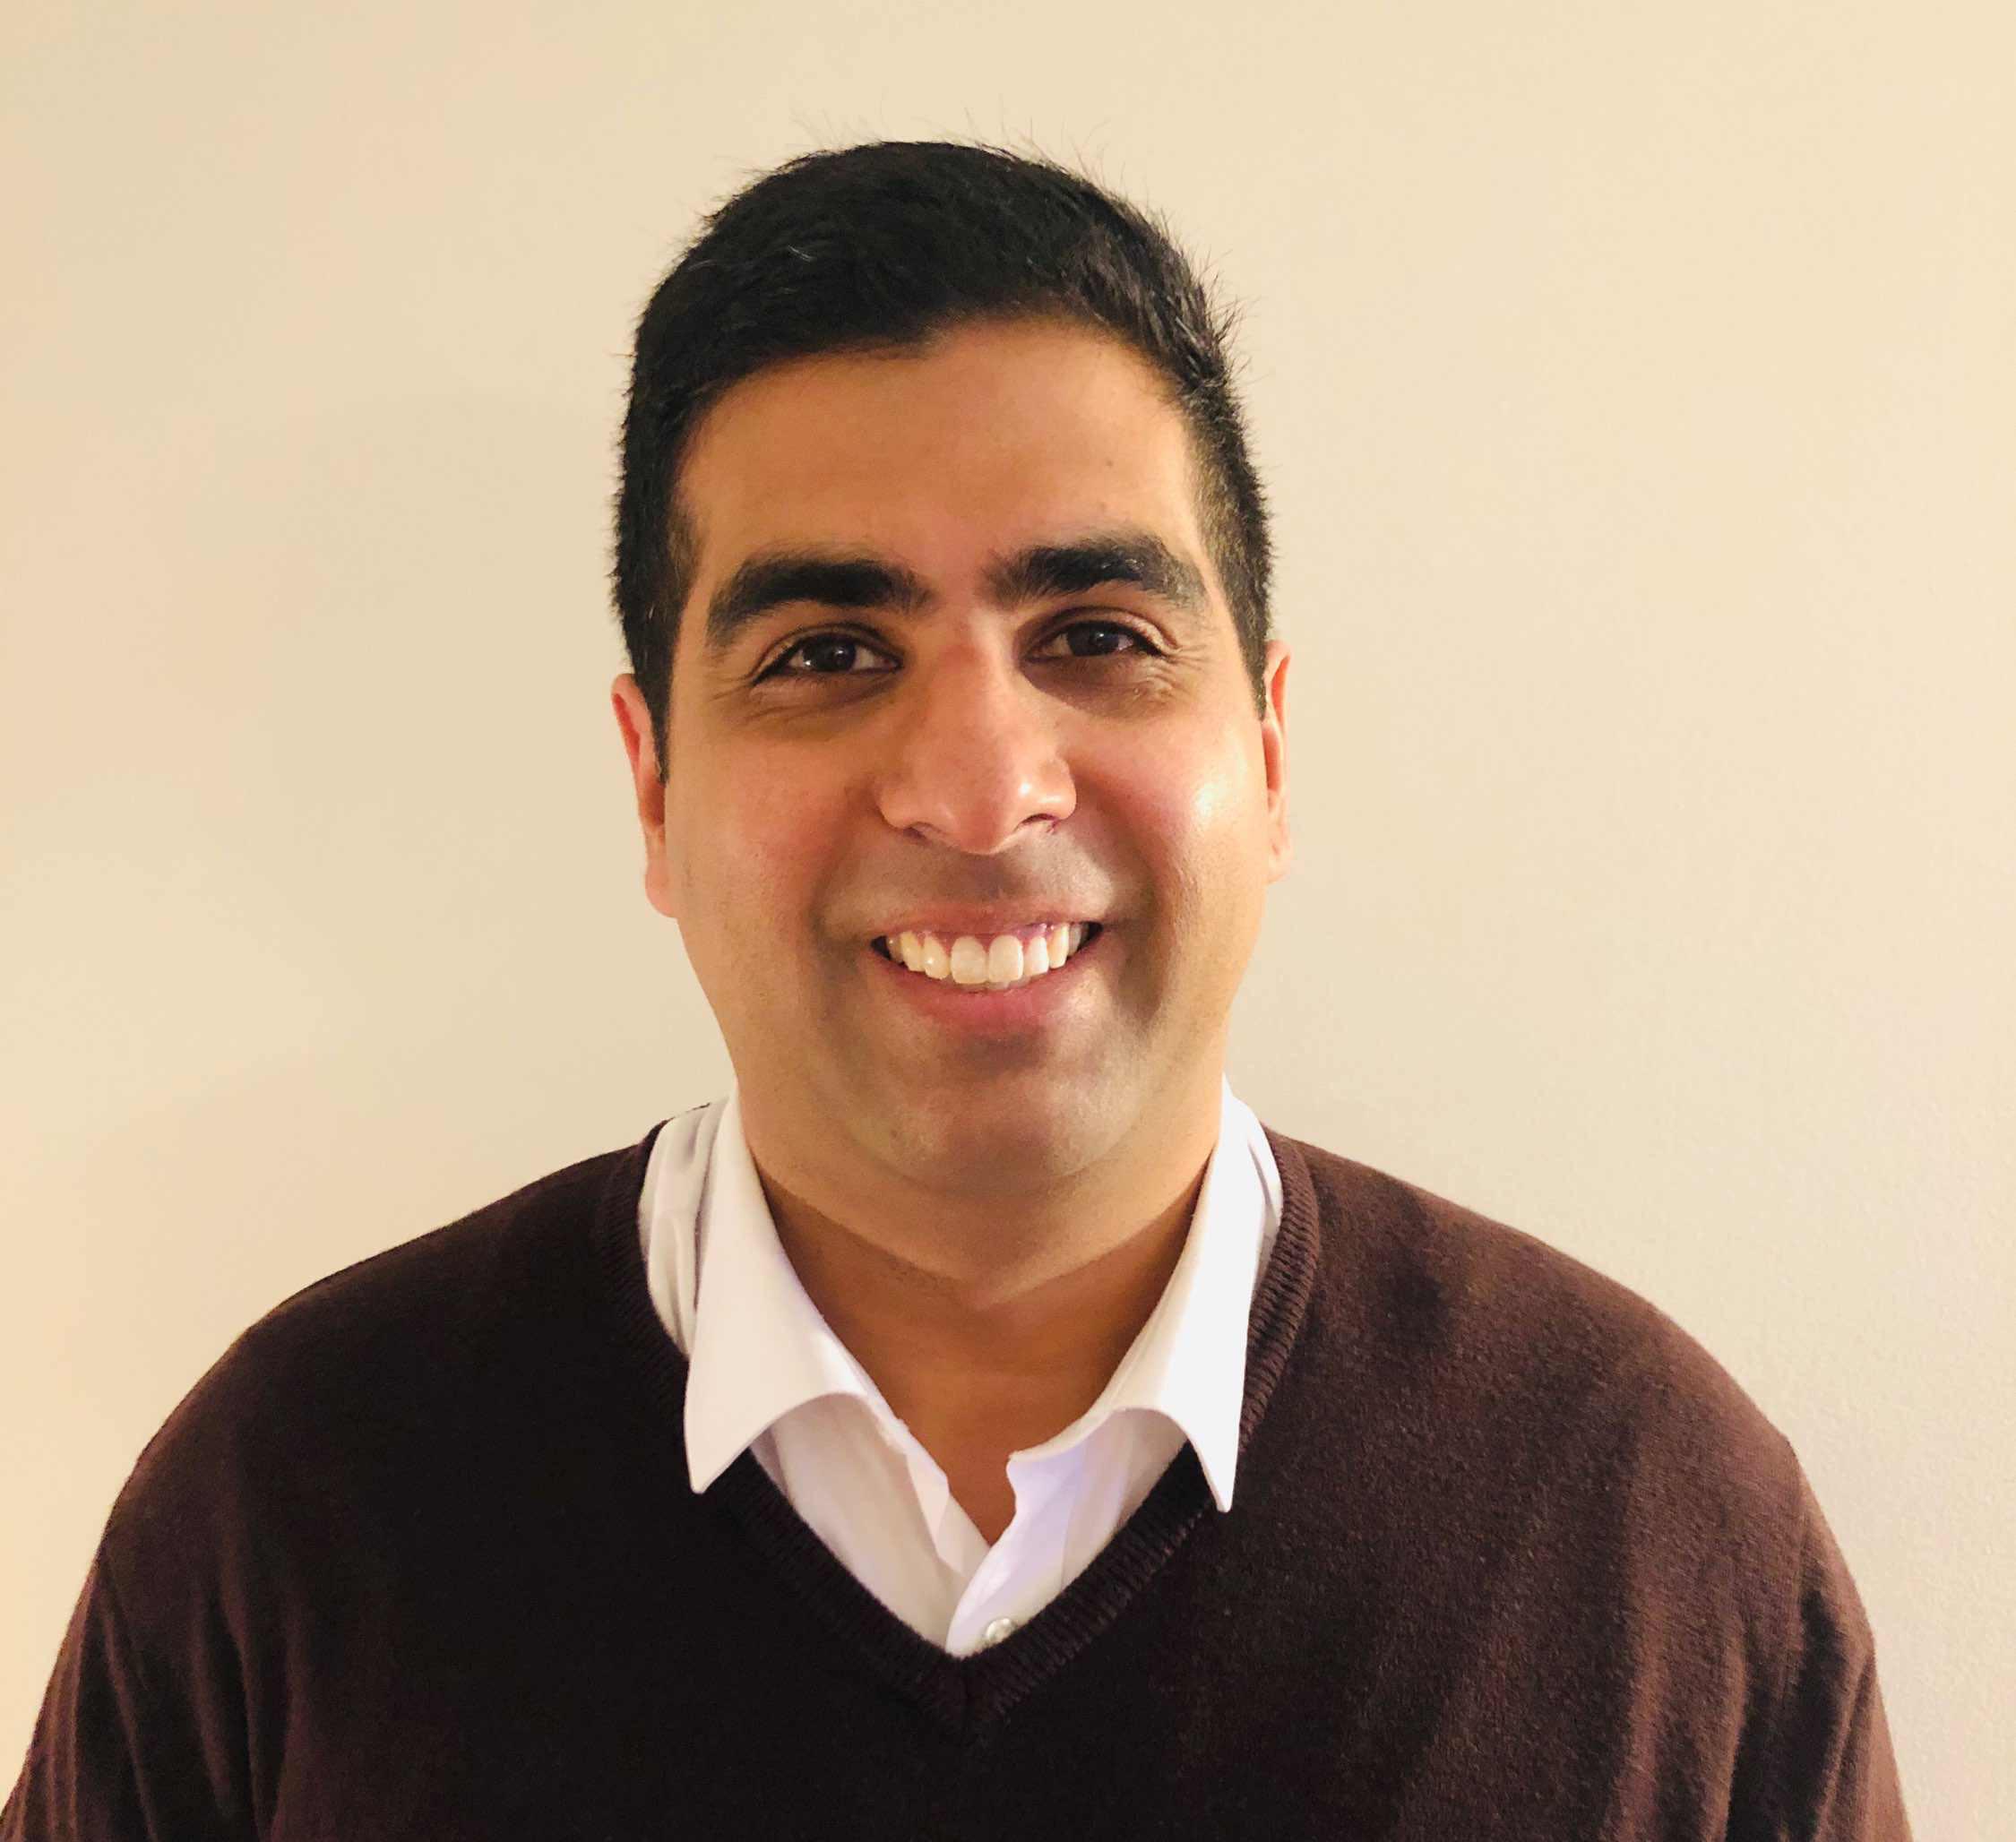 Dr. Alim Ladha